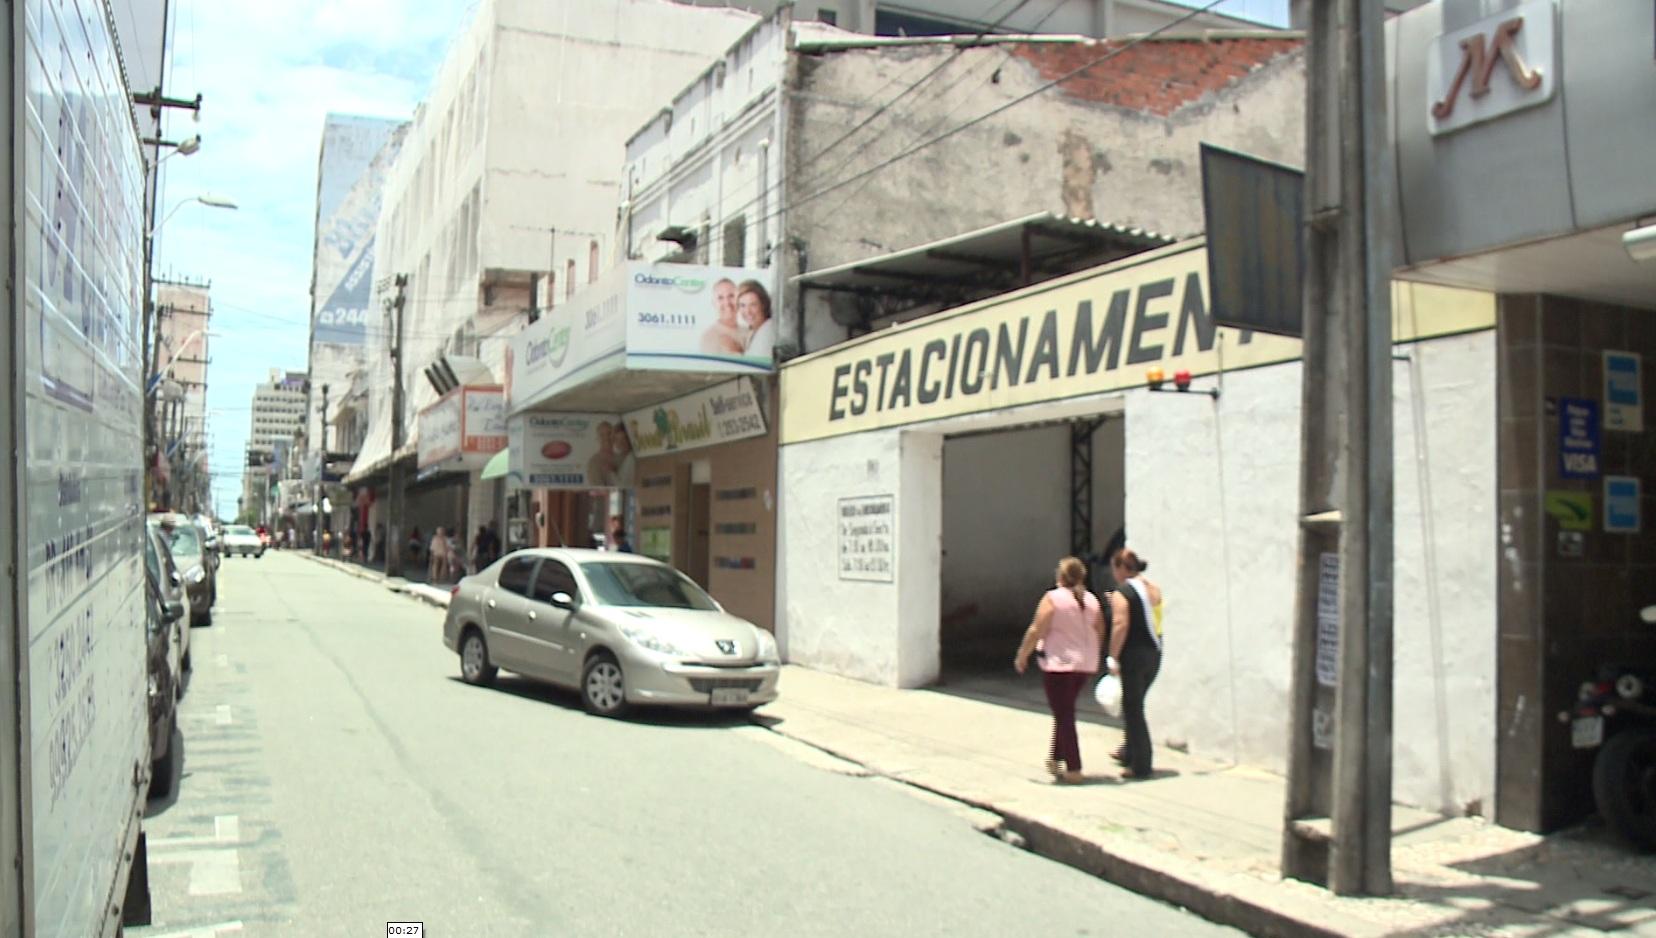 Juntas, todas as penalidades somaram mais de R$ 231 mil. (FOTO: Reprodução/TV Jangadeiro)